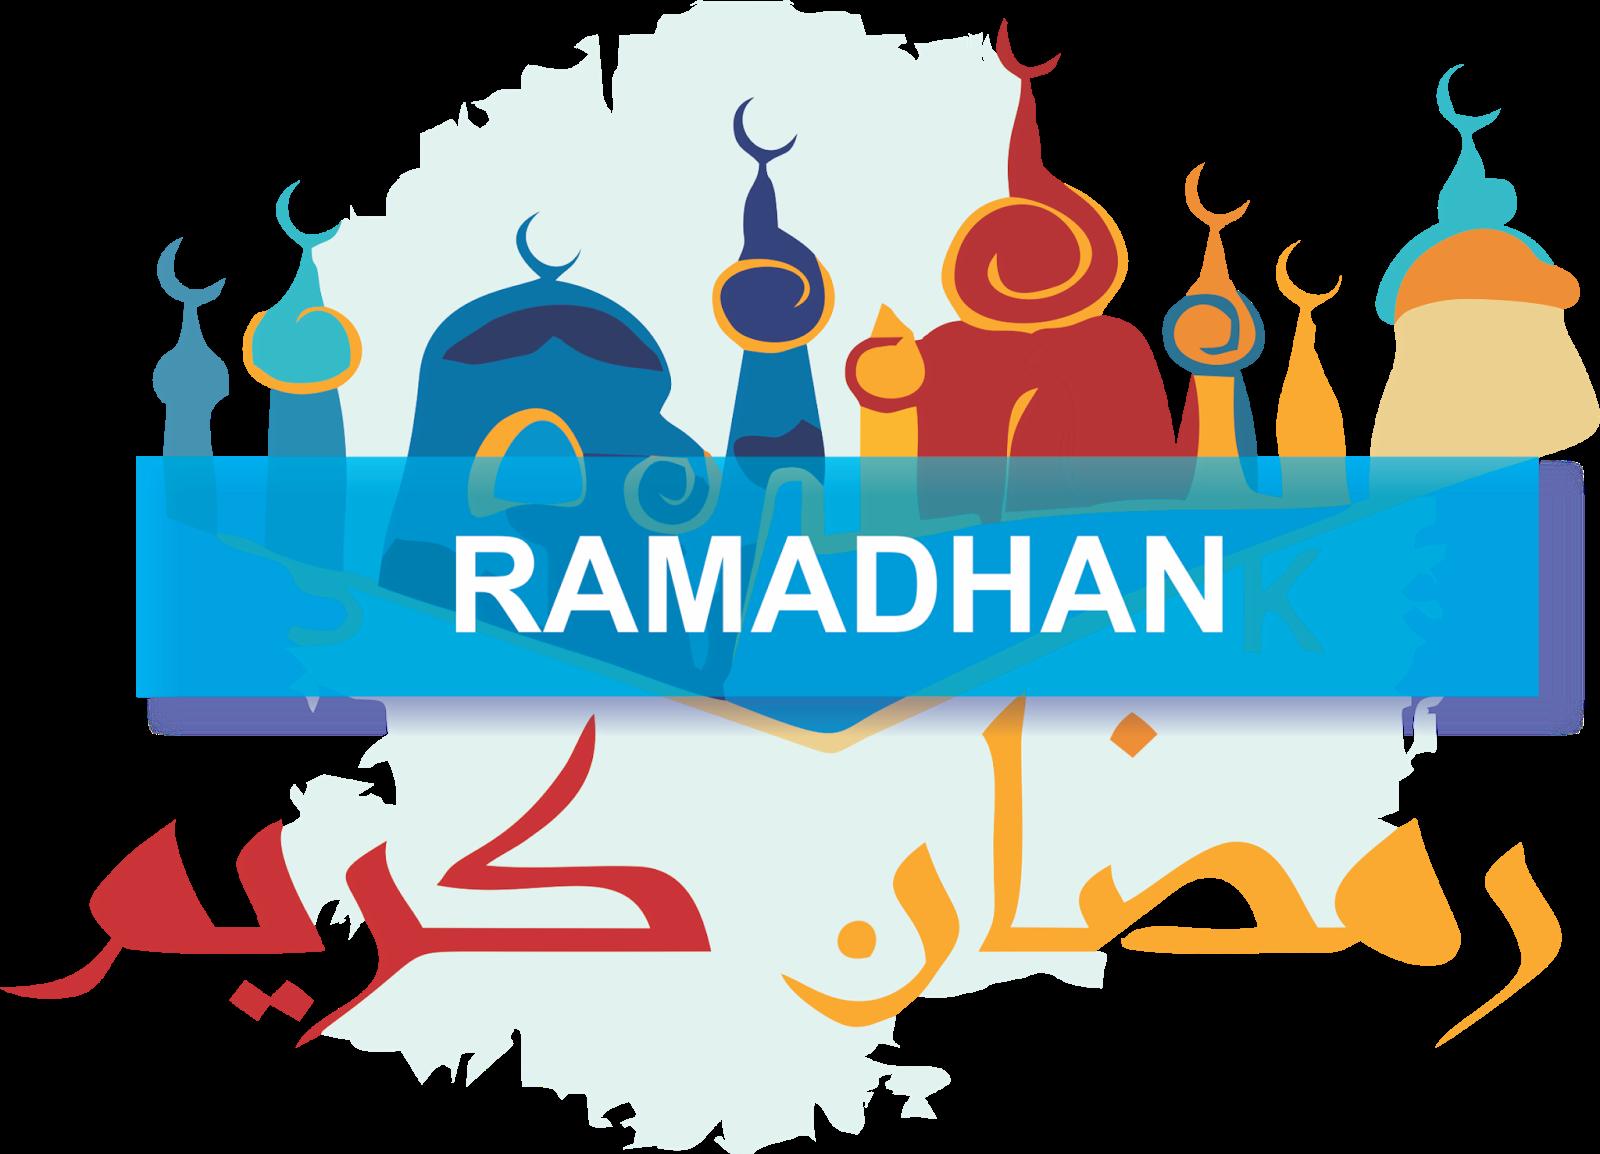 4 Hal Yang Perlu Dipersiapkan Untuk Menyambut Ramadhan thumbnail